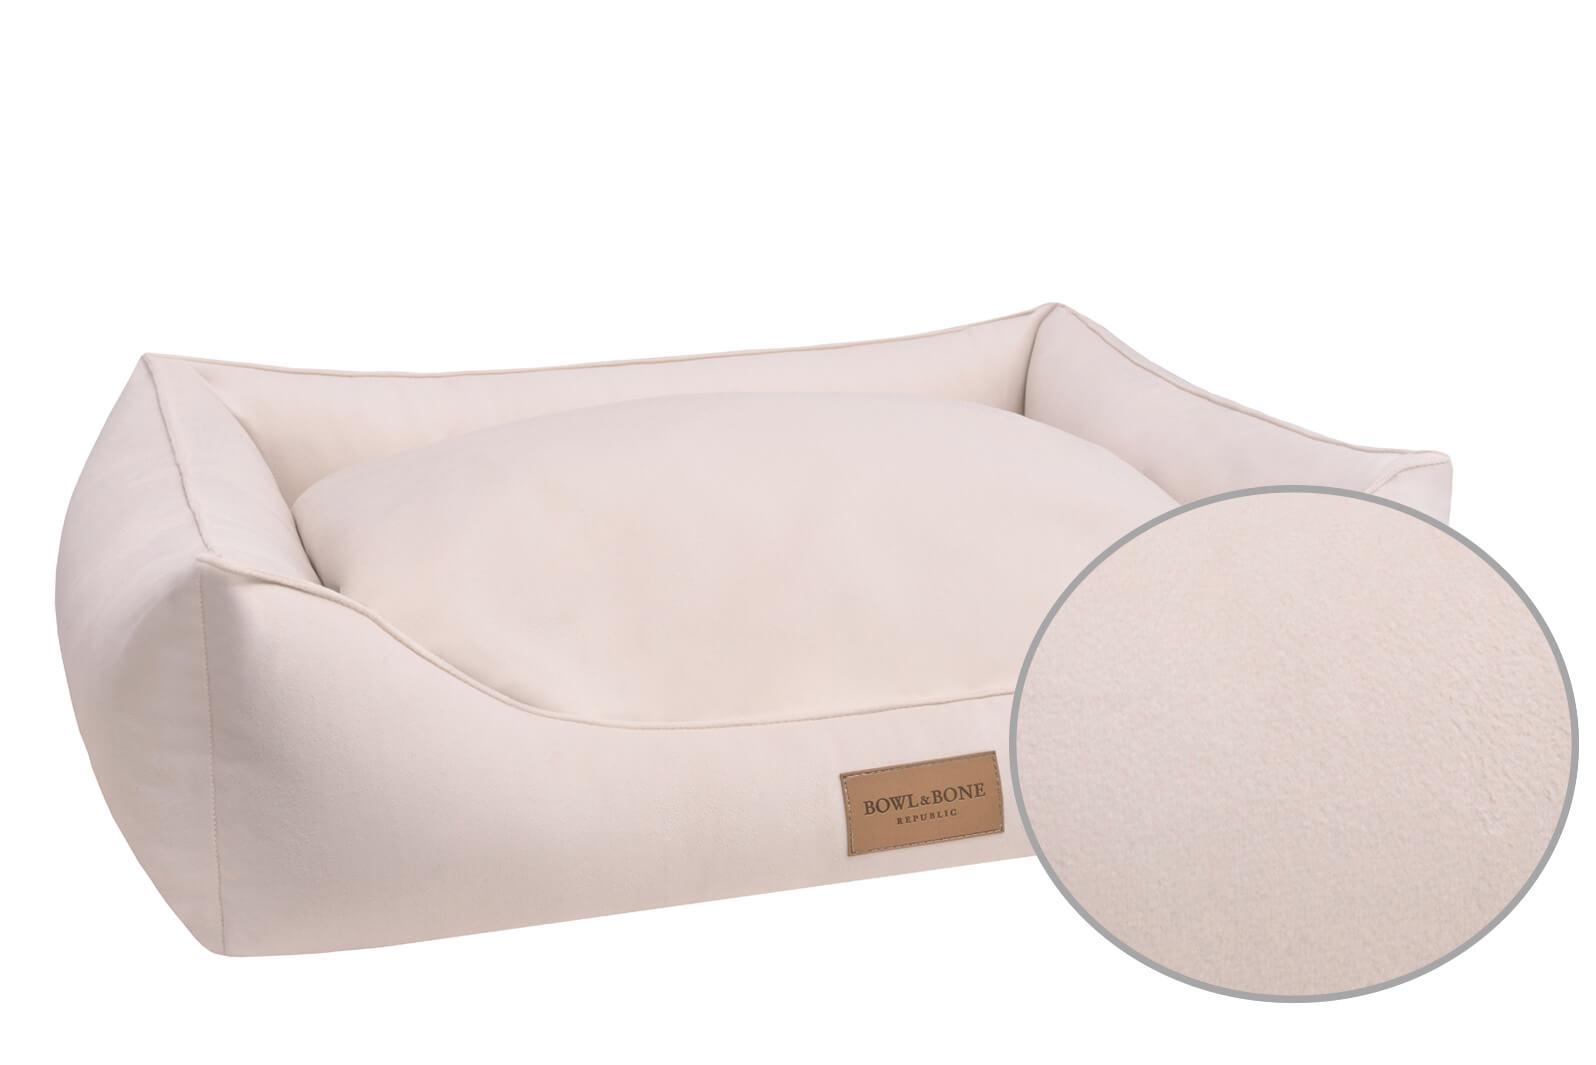 dog bed classic cream bowlandbonerepublic magnifier